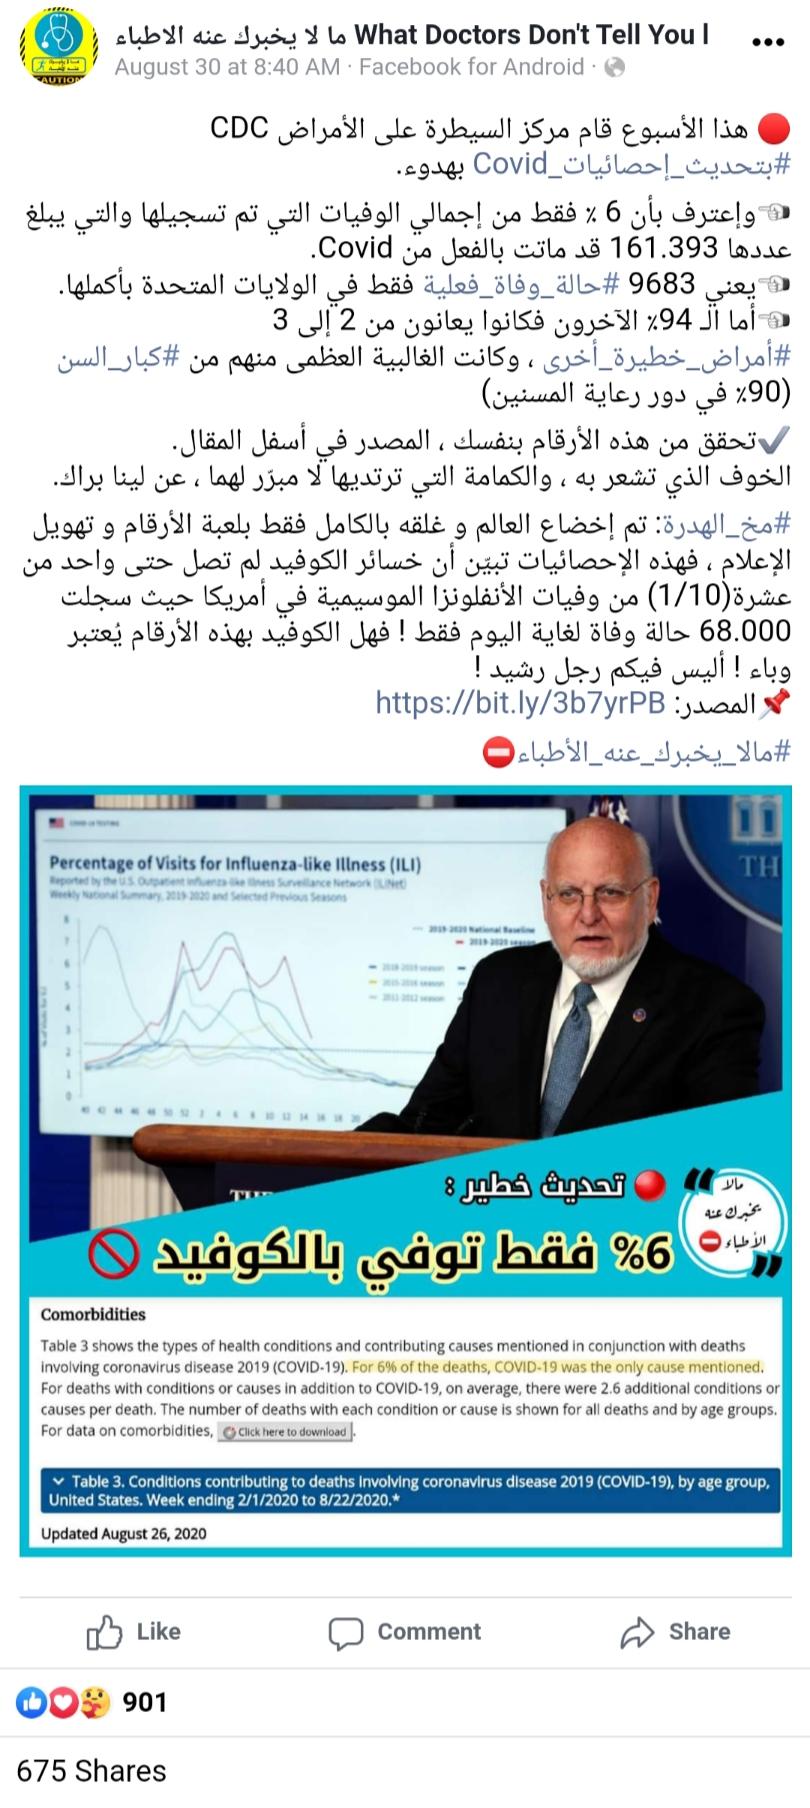 صورة شاشة لمنشور صفحة ما لا يخبرك عنه الأطباء